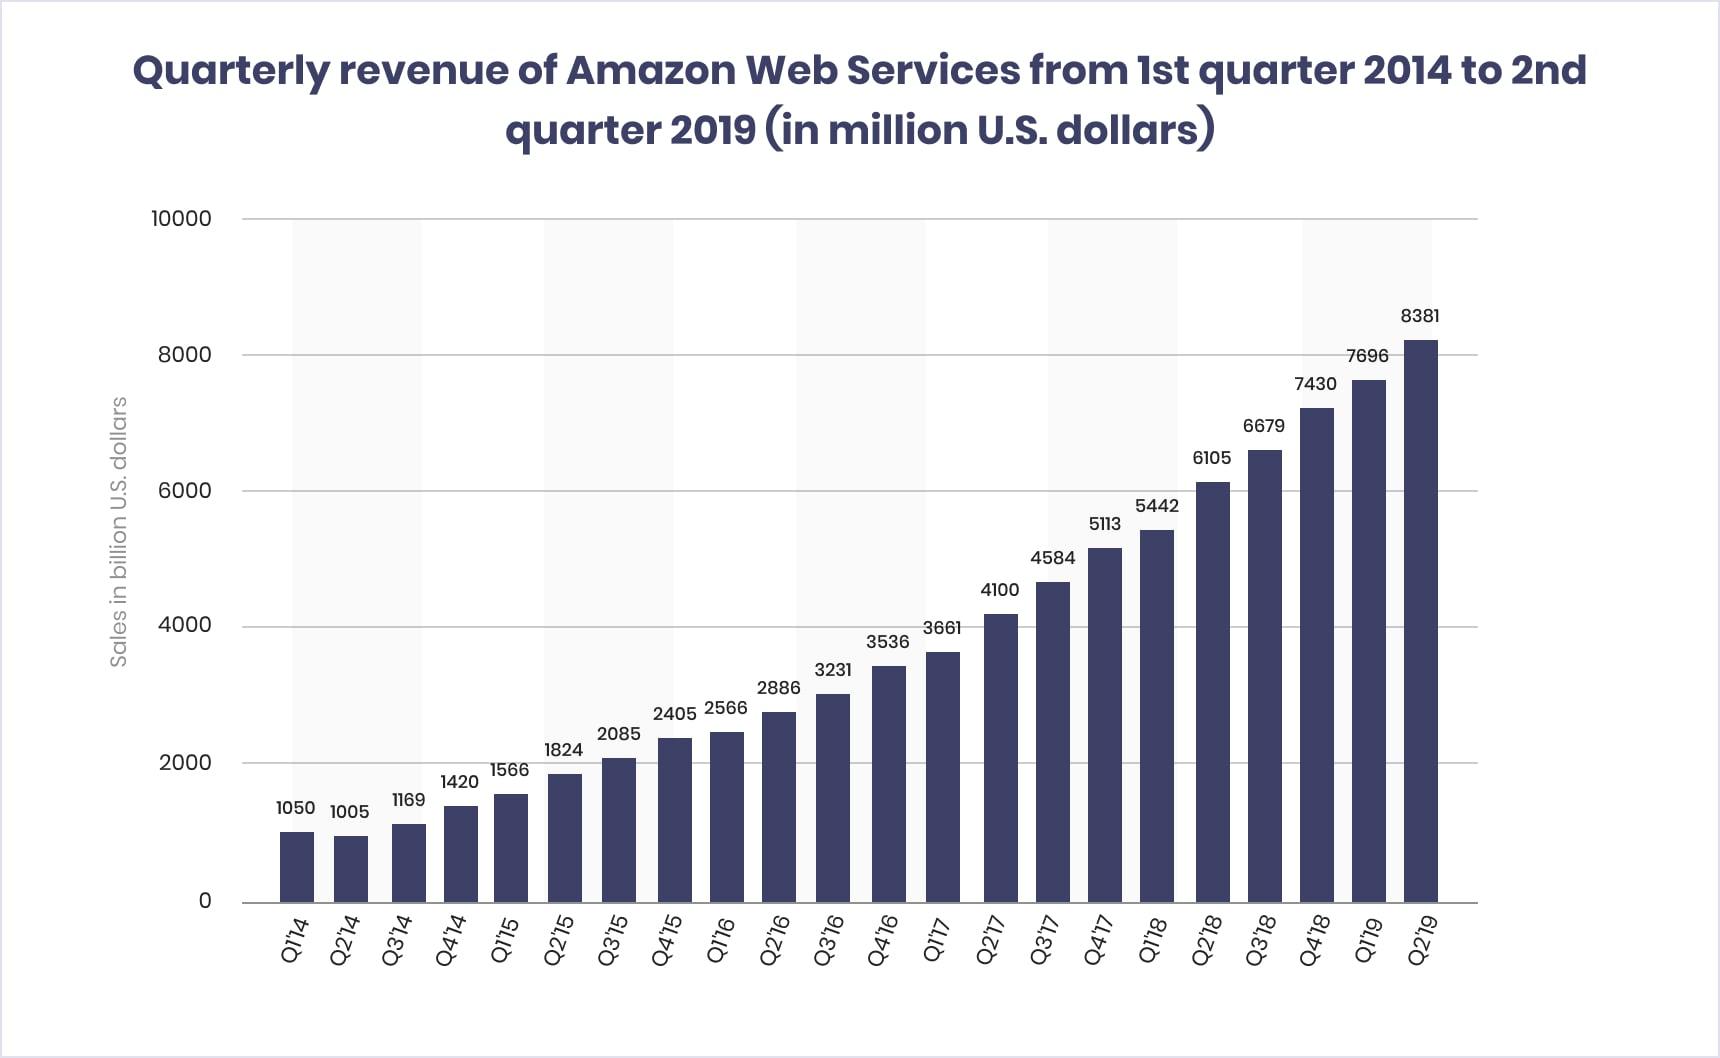 Quarterly revenue of Amazon Web services